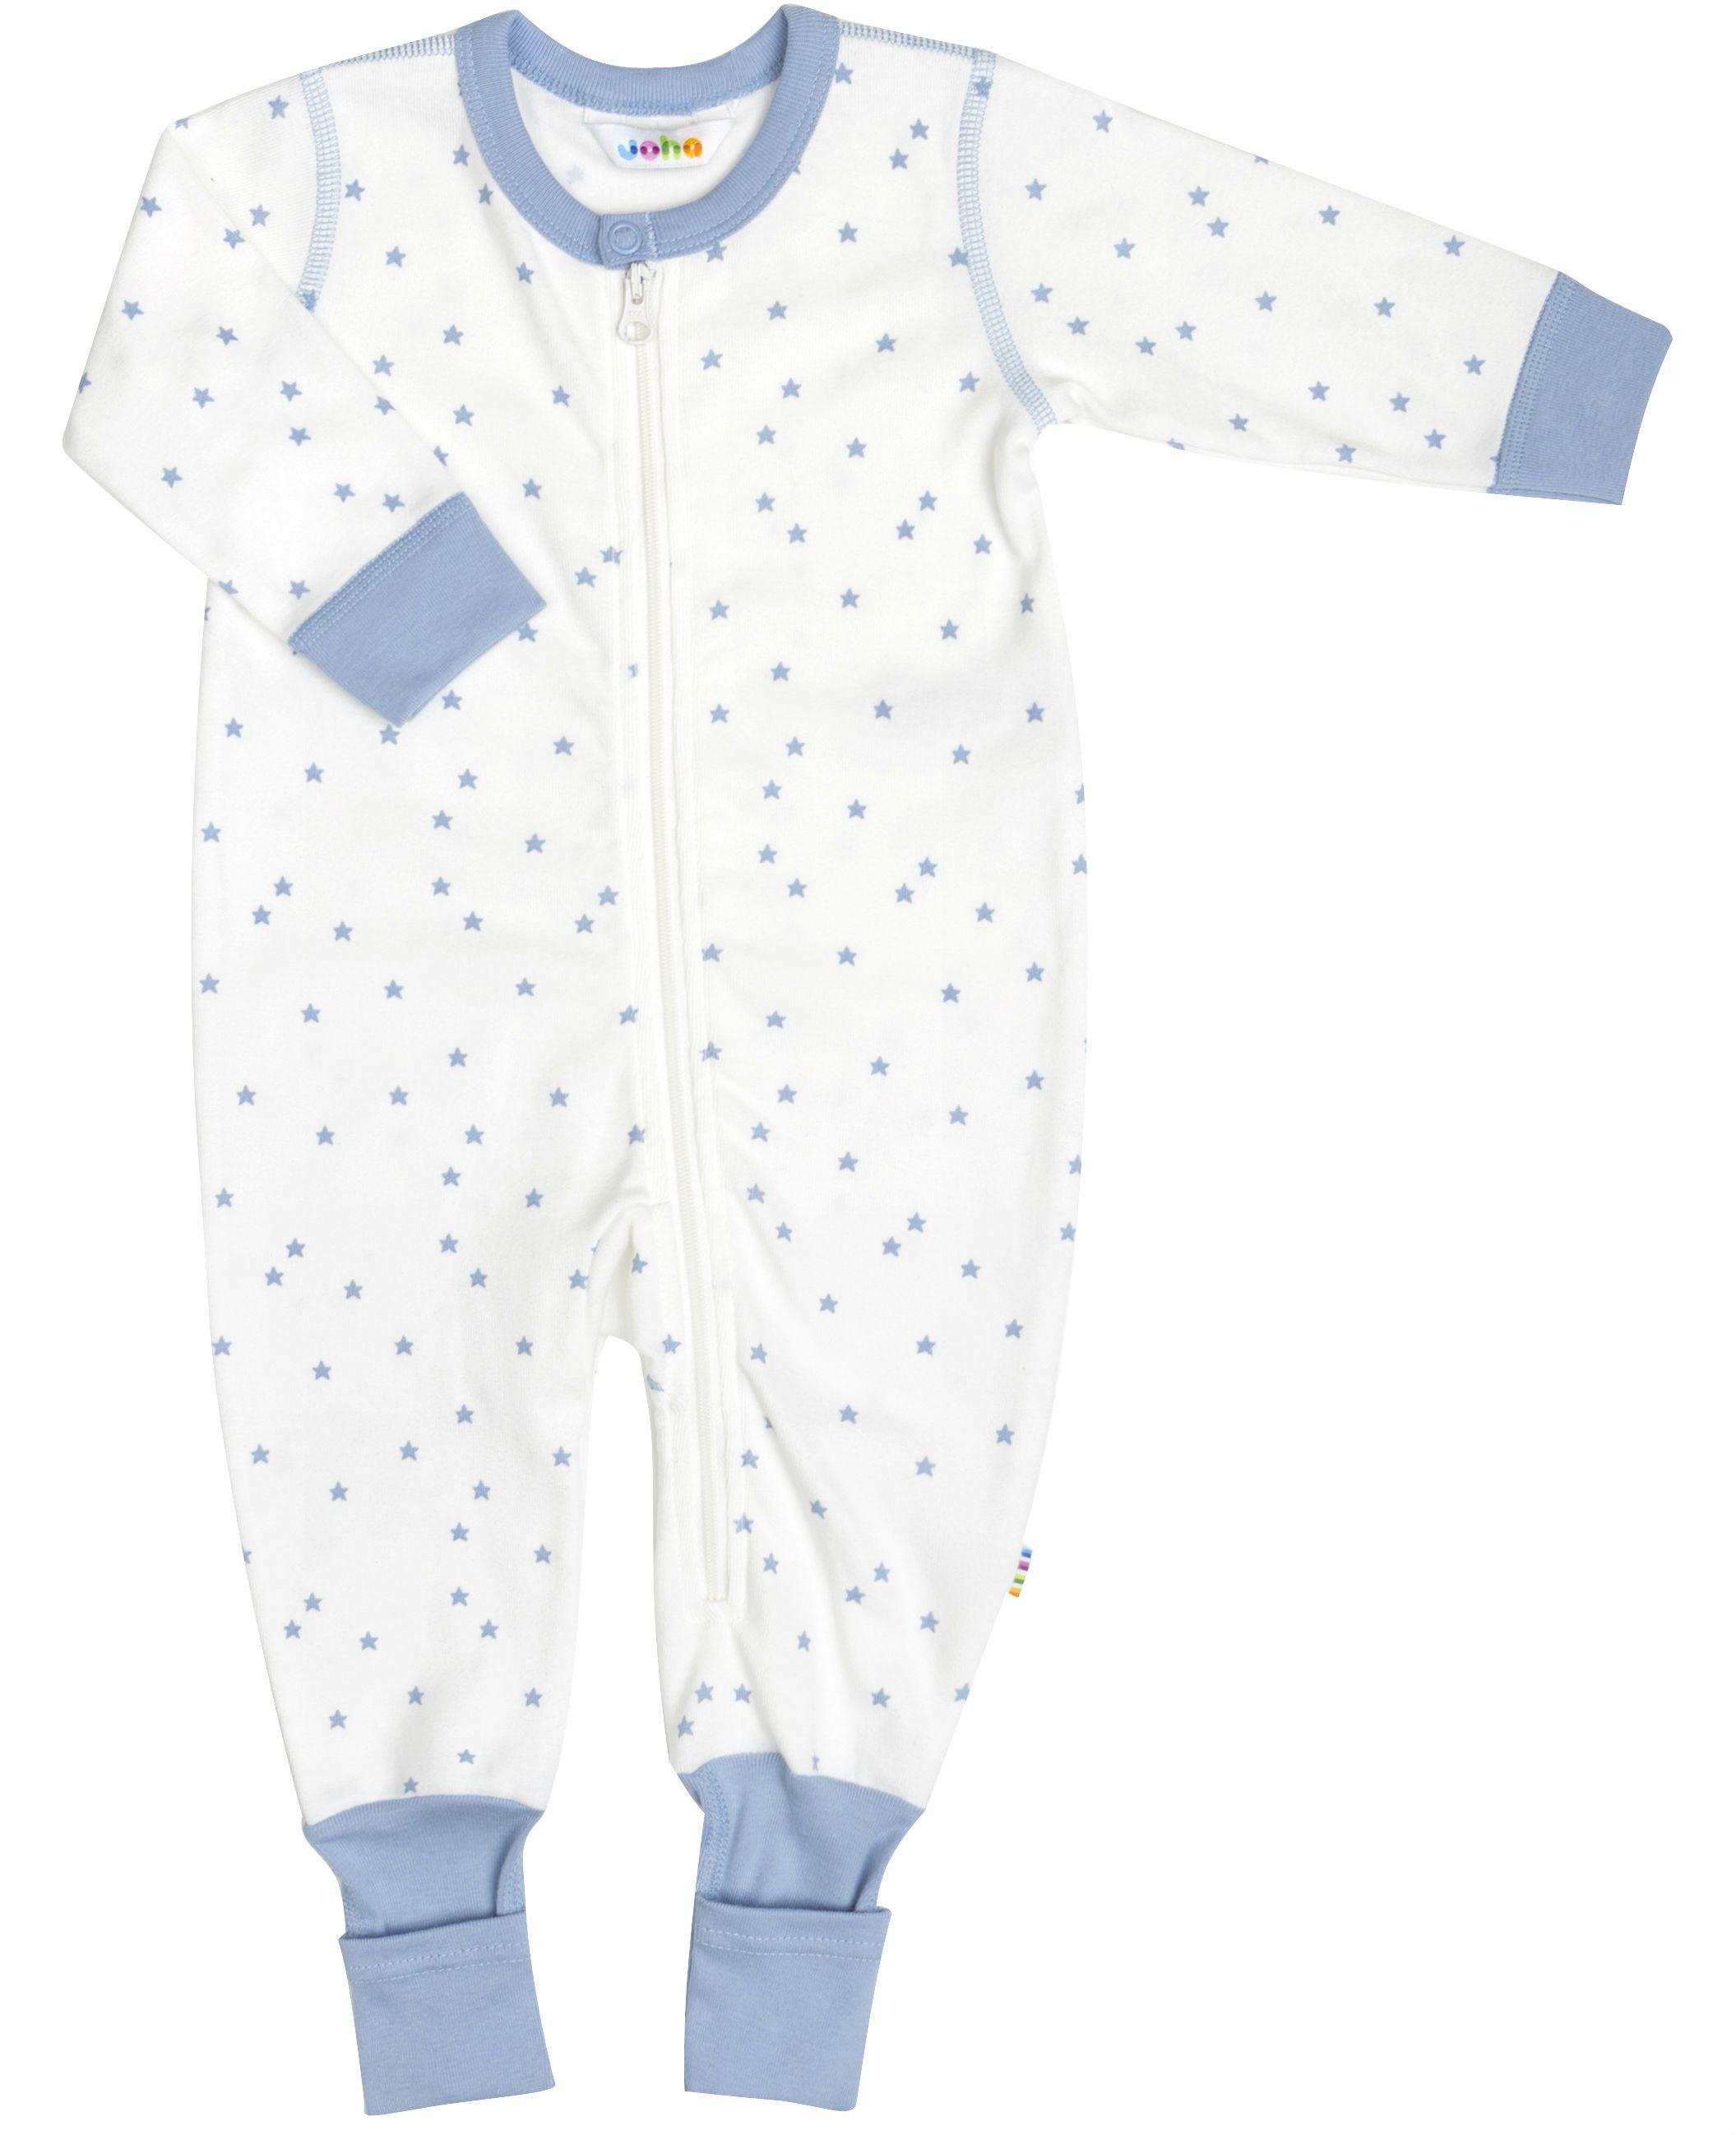 Image of   Jumpsuit i økologisk bomuld fra Joha - Blue Stars